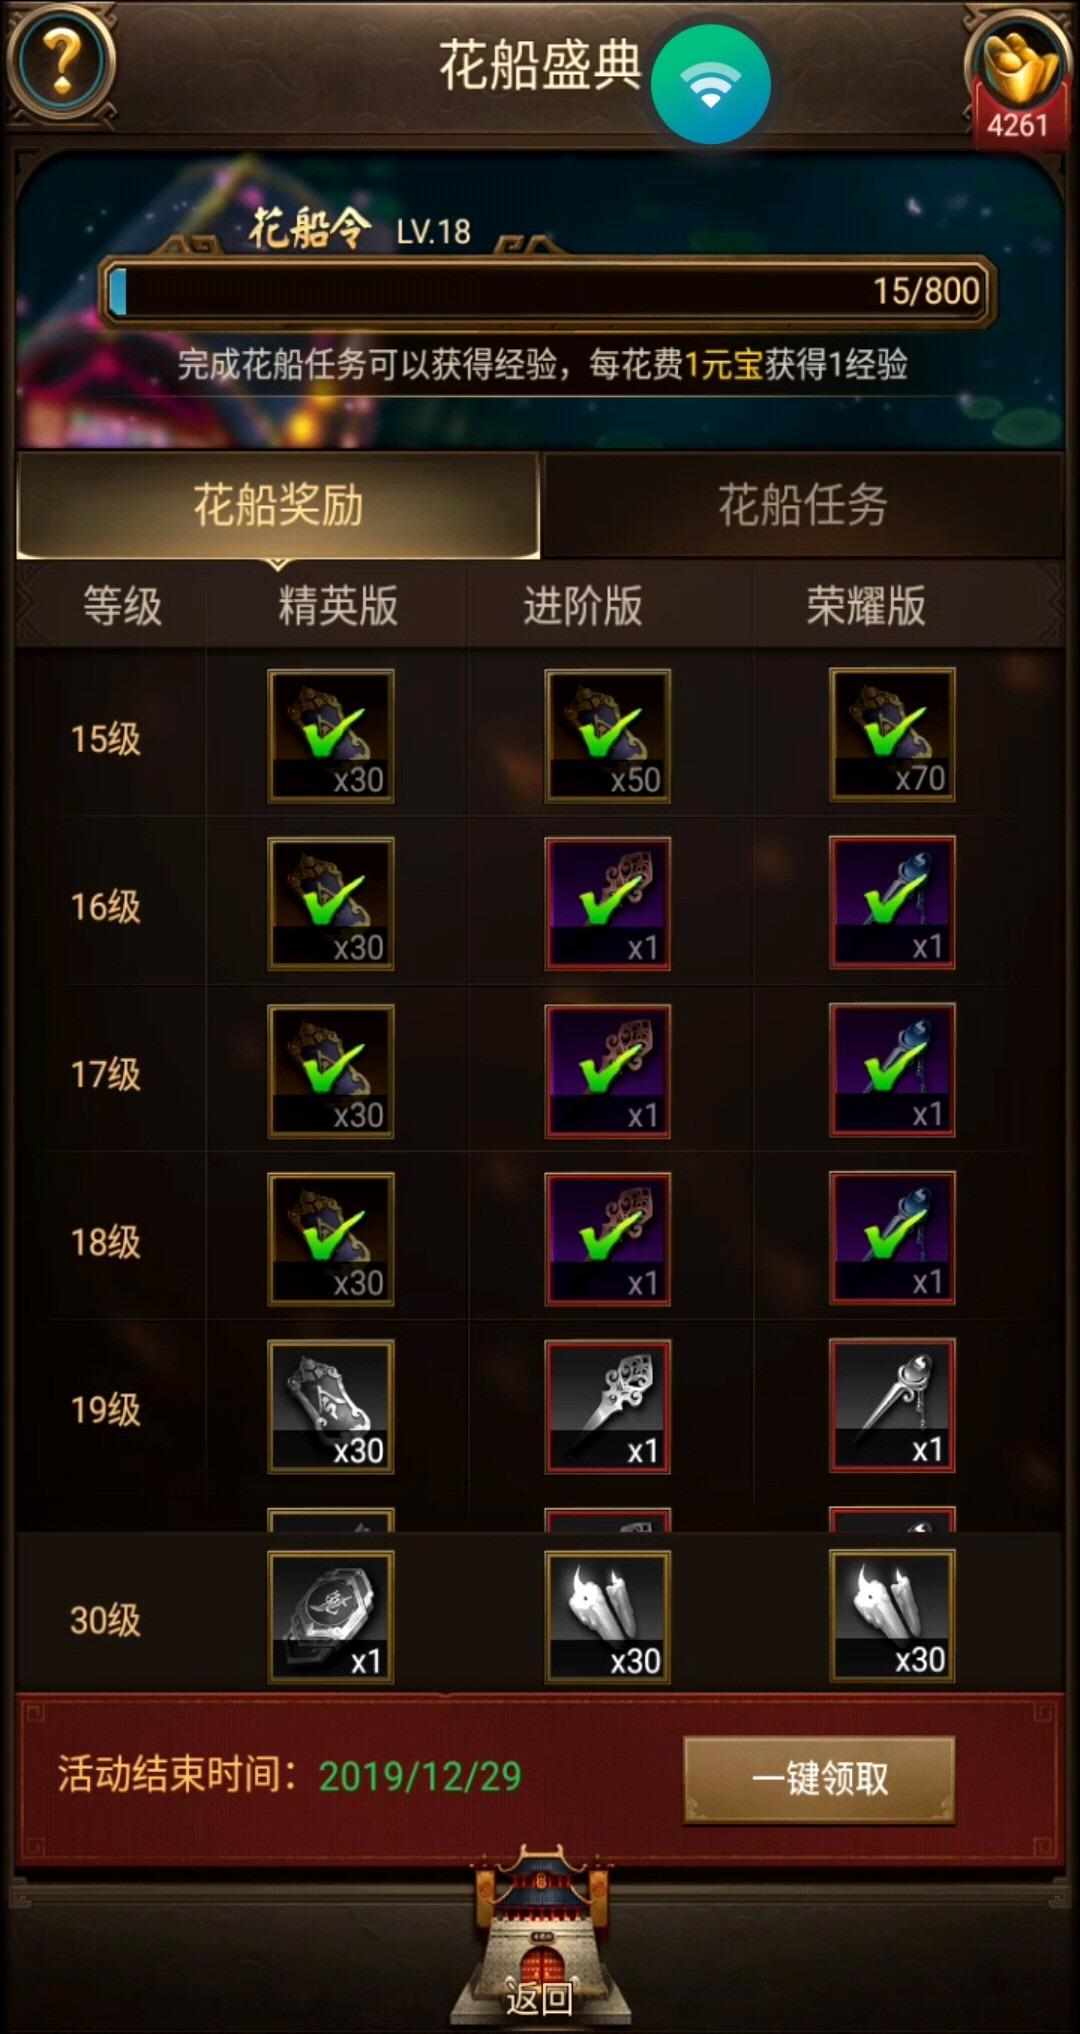 Screenshot_2019_1210_063744.jpg